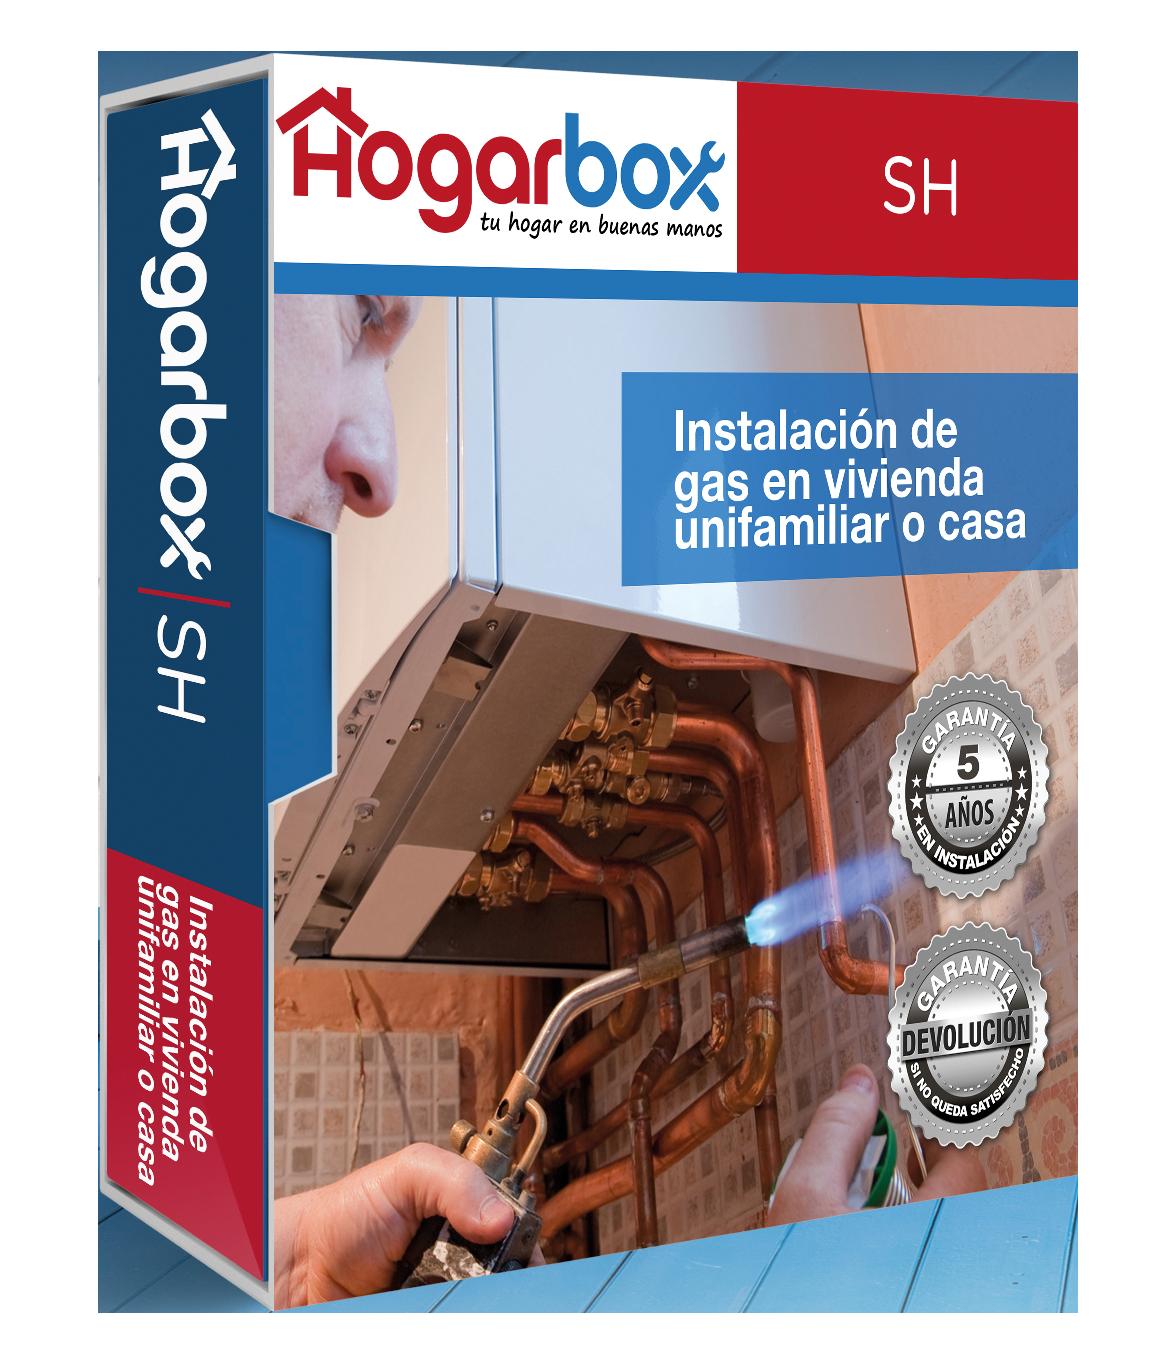 Hogarbox sh precio instalaci n gas natural vivienda - Precio de calentadores de gas natural ...